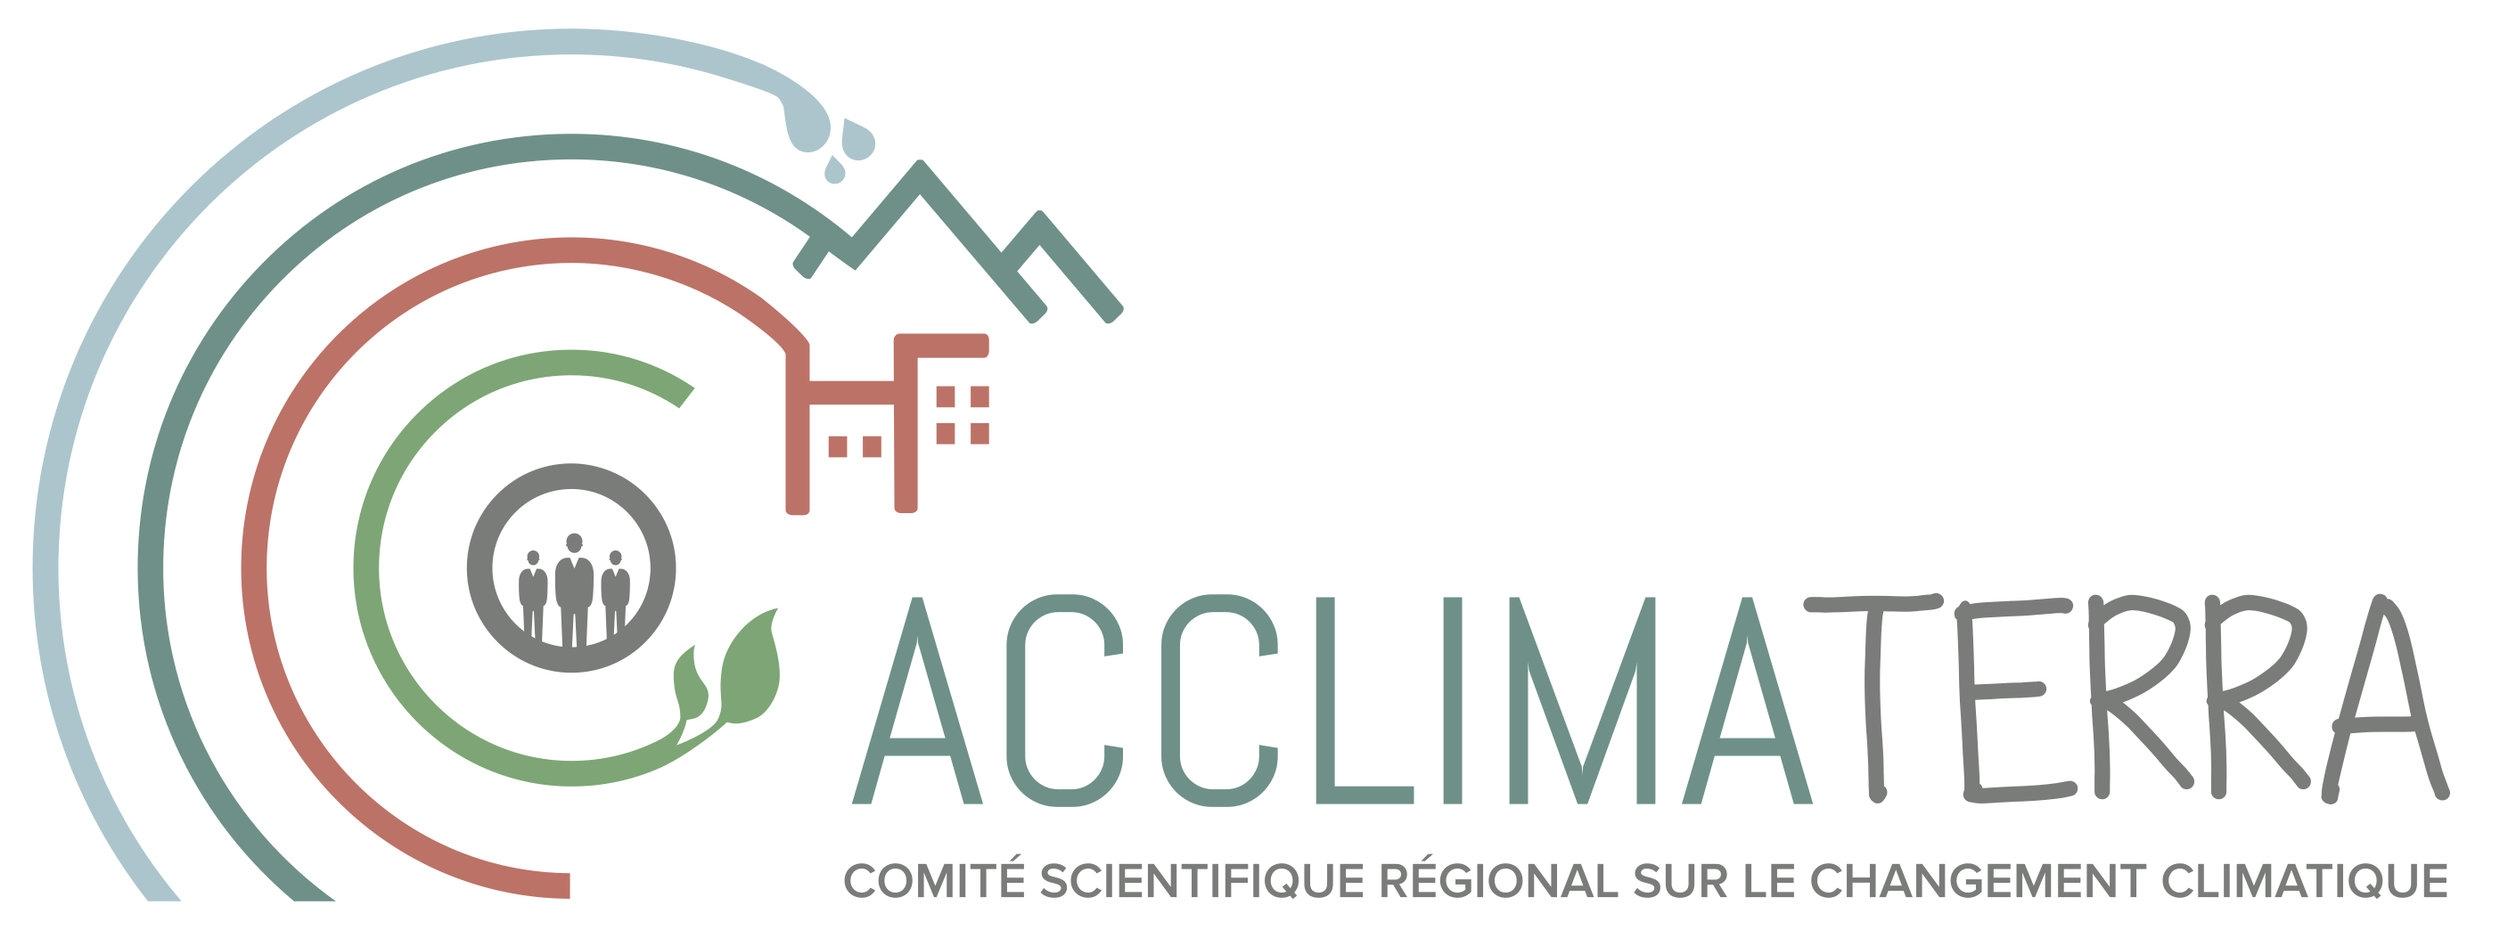 Le comité scientifique néo-aquitain AcclimaTerra